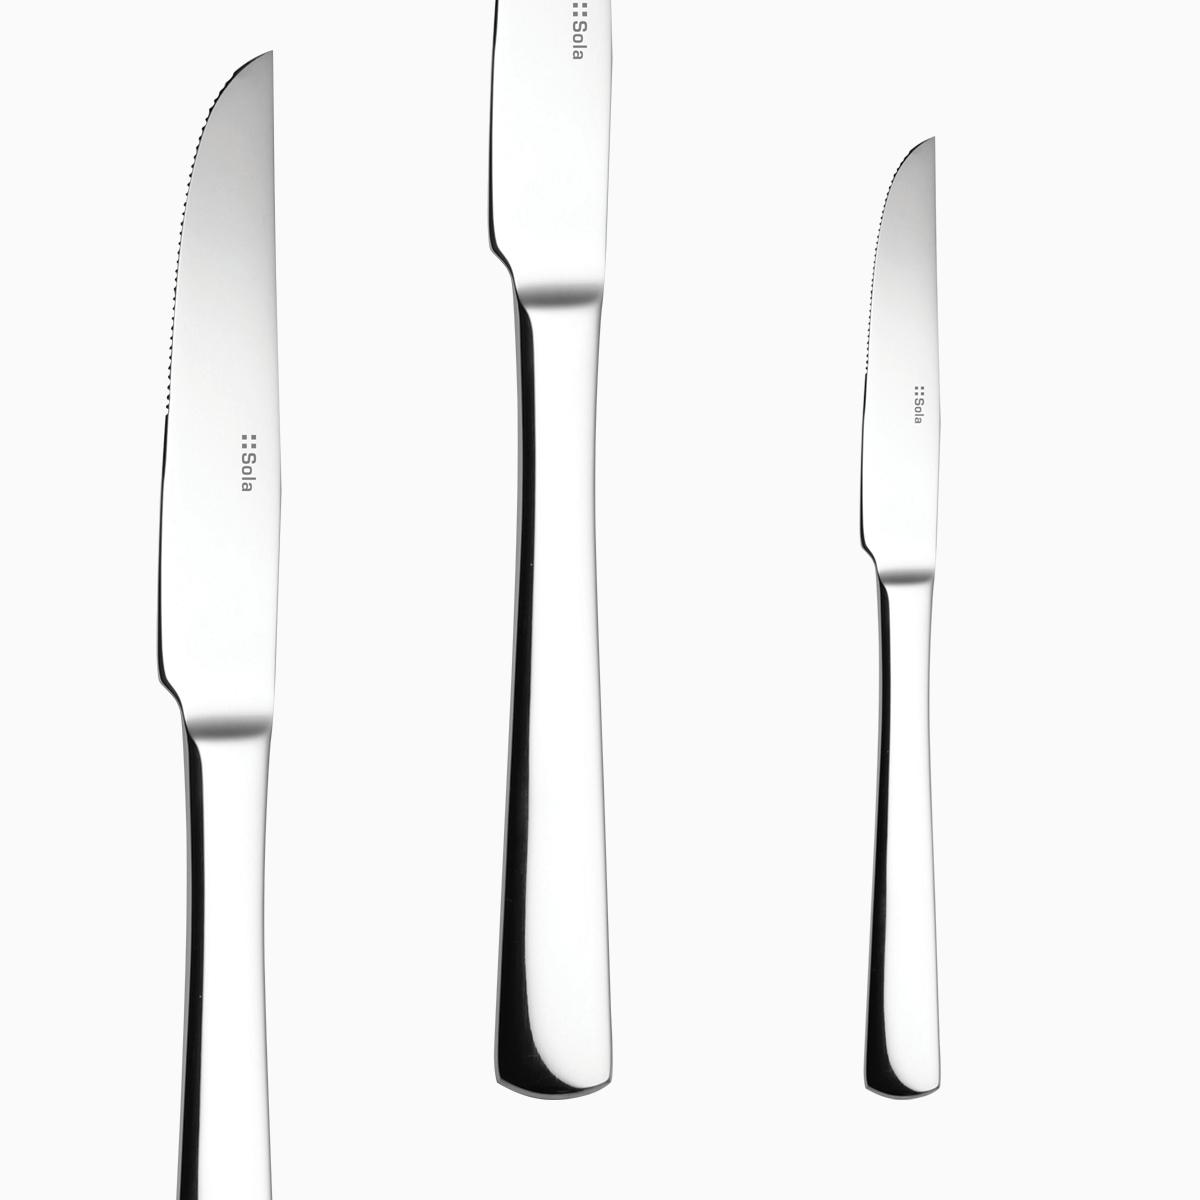 Steakmesser - Prestige